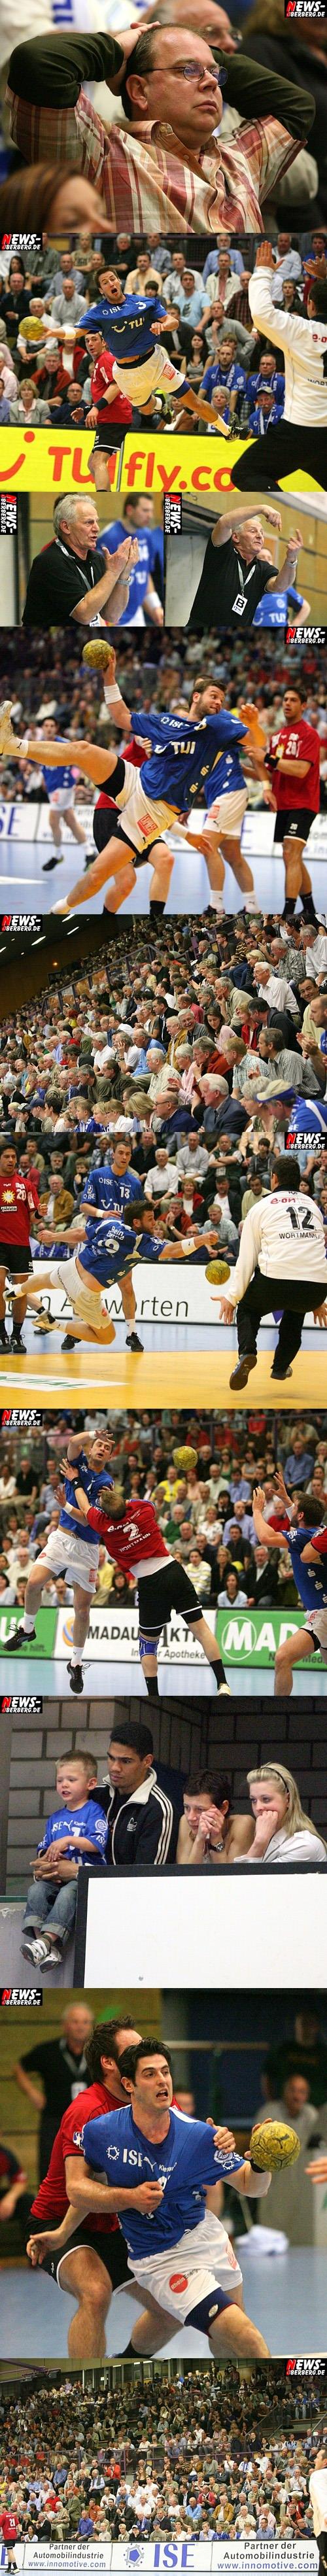 2007_04_12_vfl_nettelstedt_bonus-01.jpg